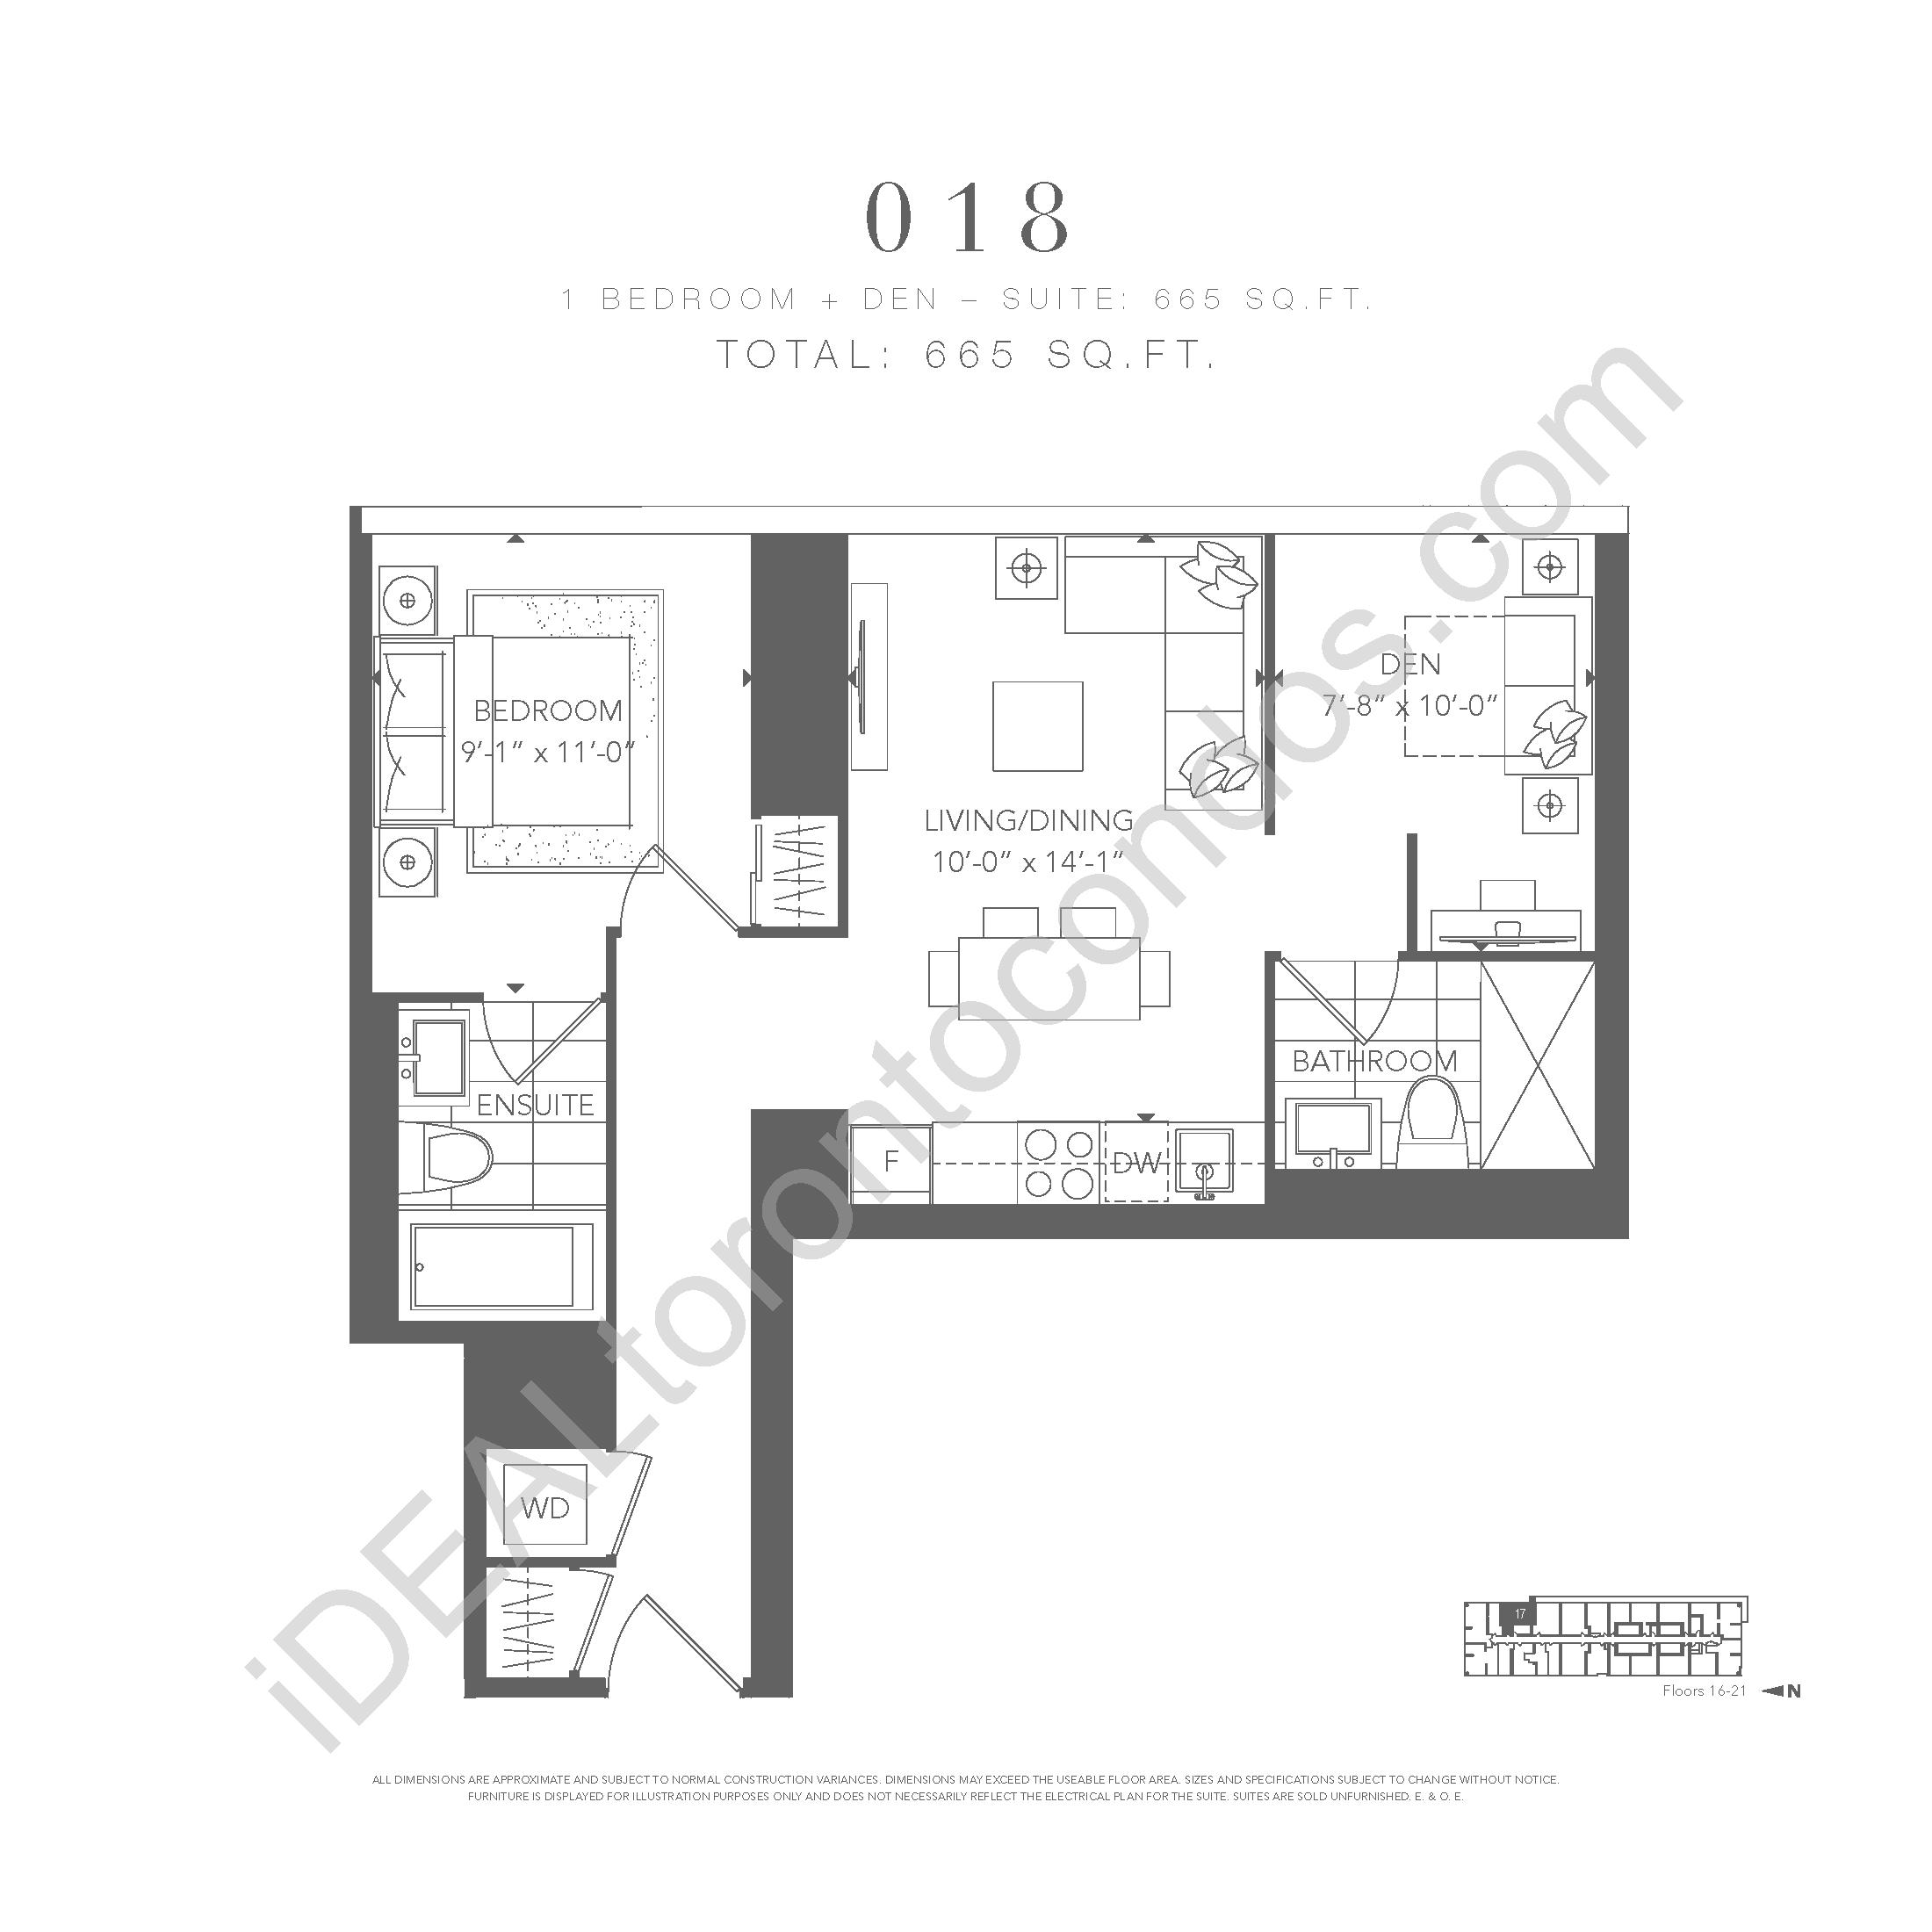 1 bedroom + den 018